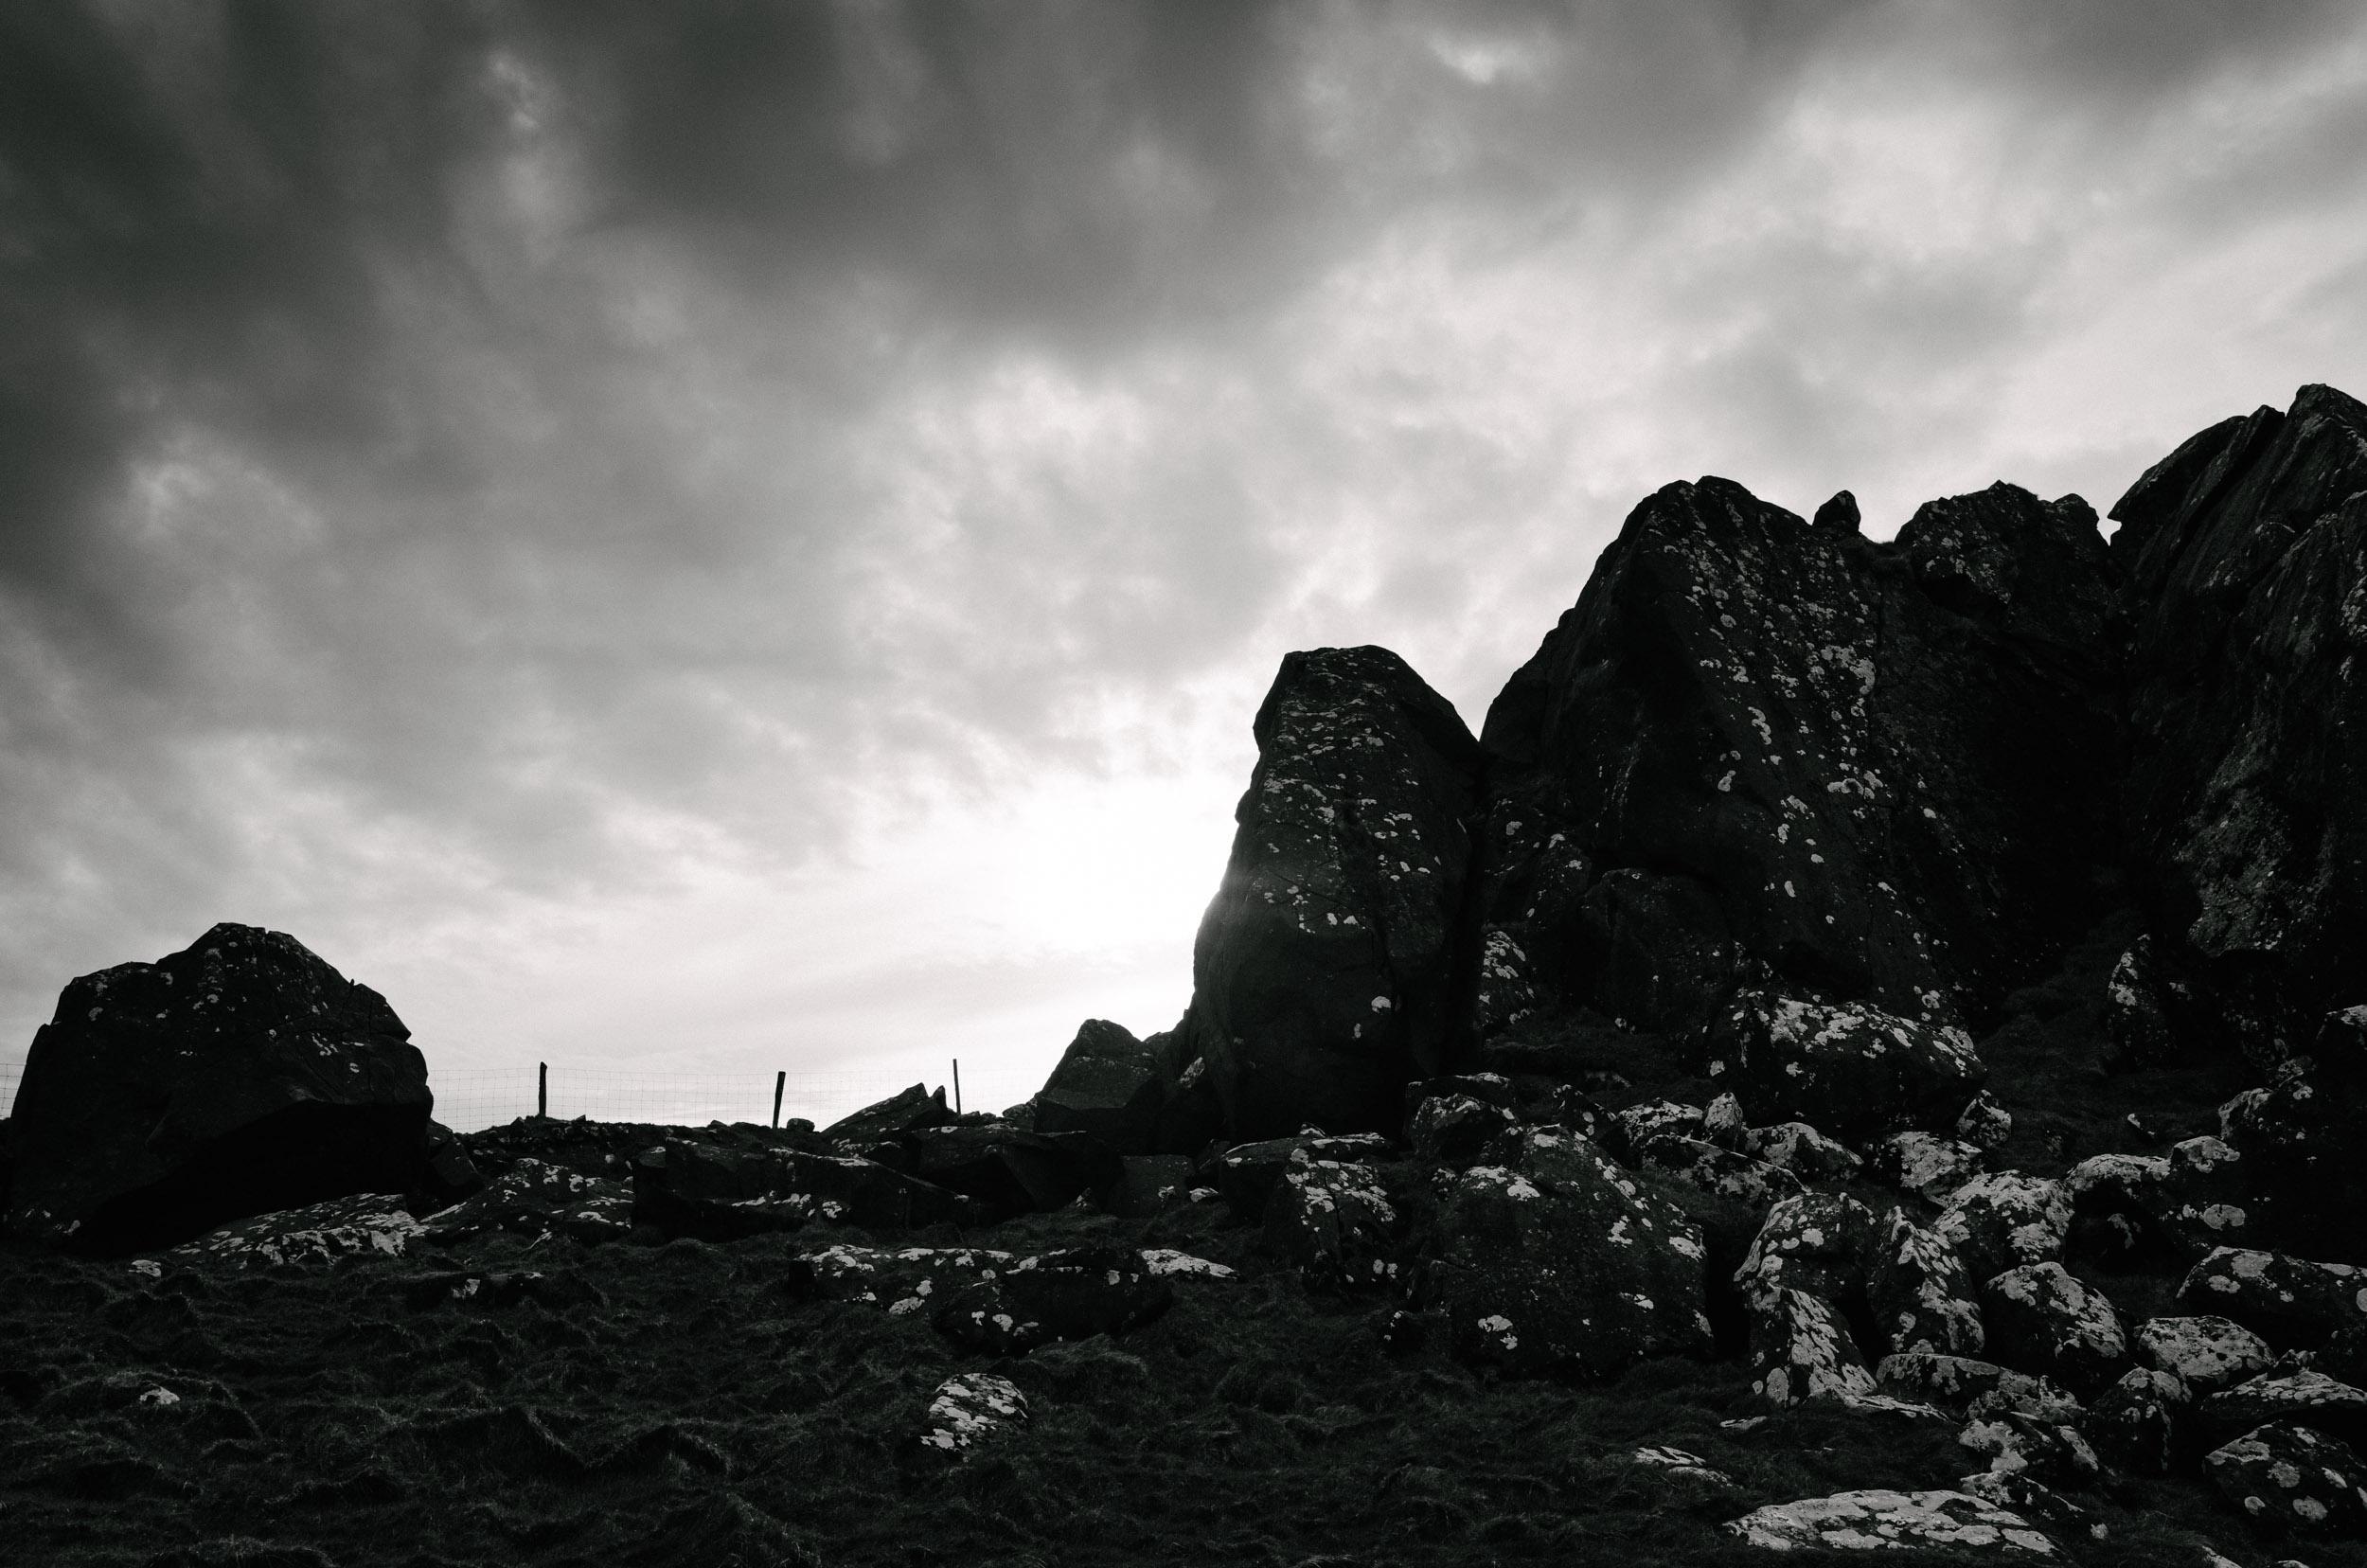 Mountain Biking in Wales-1032.jpg